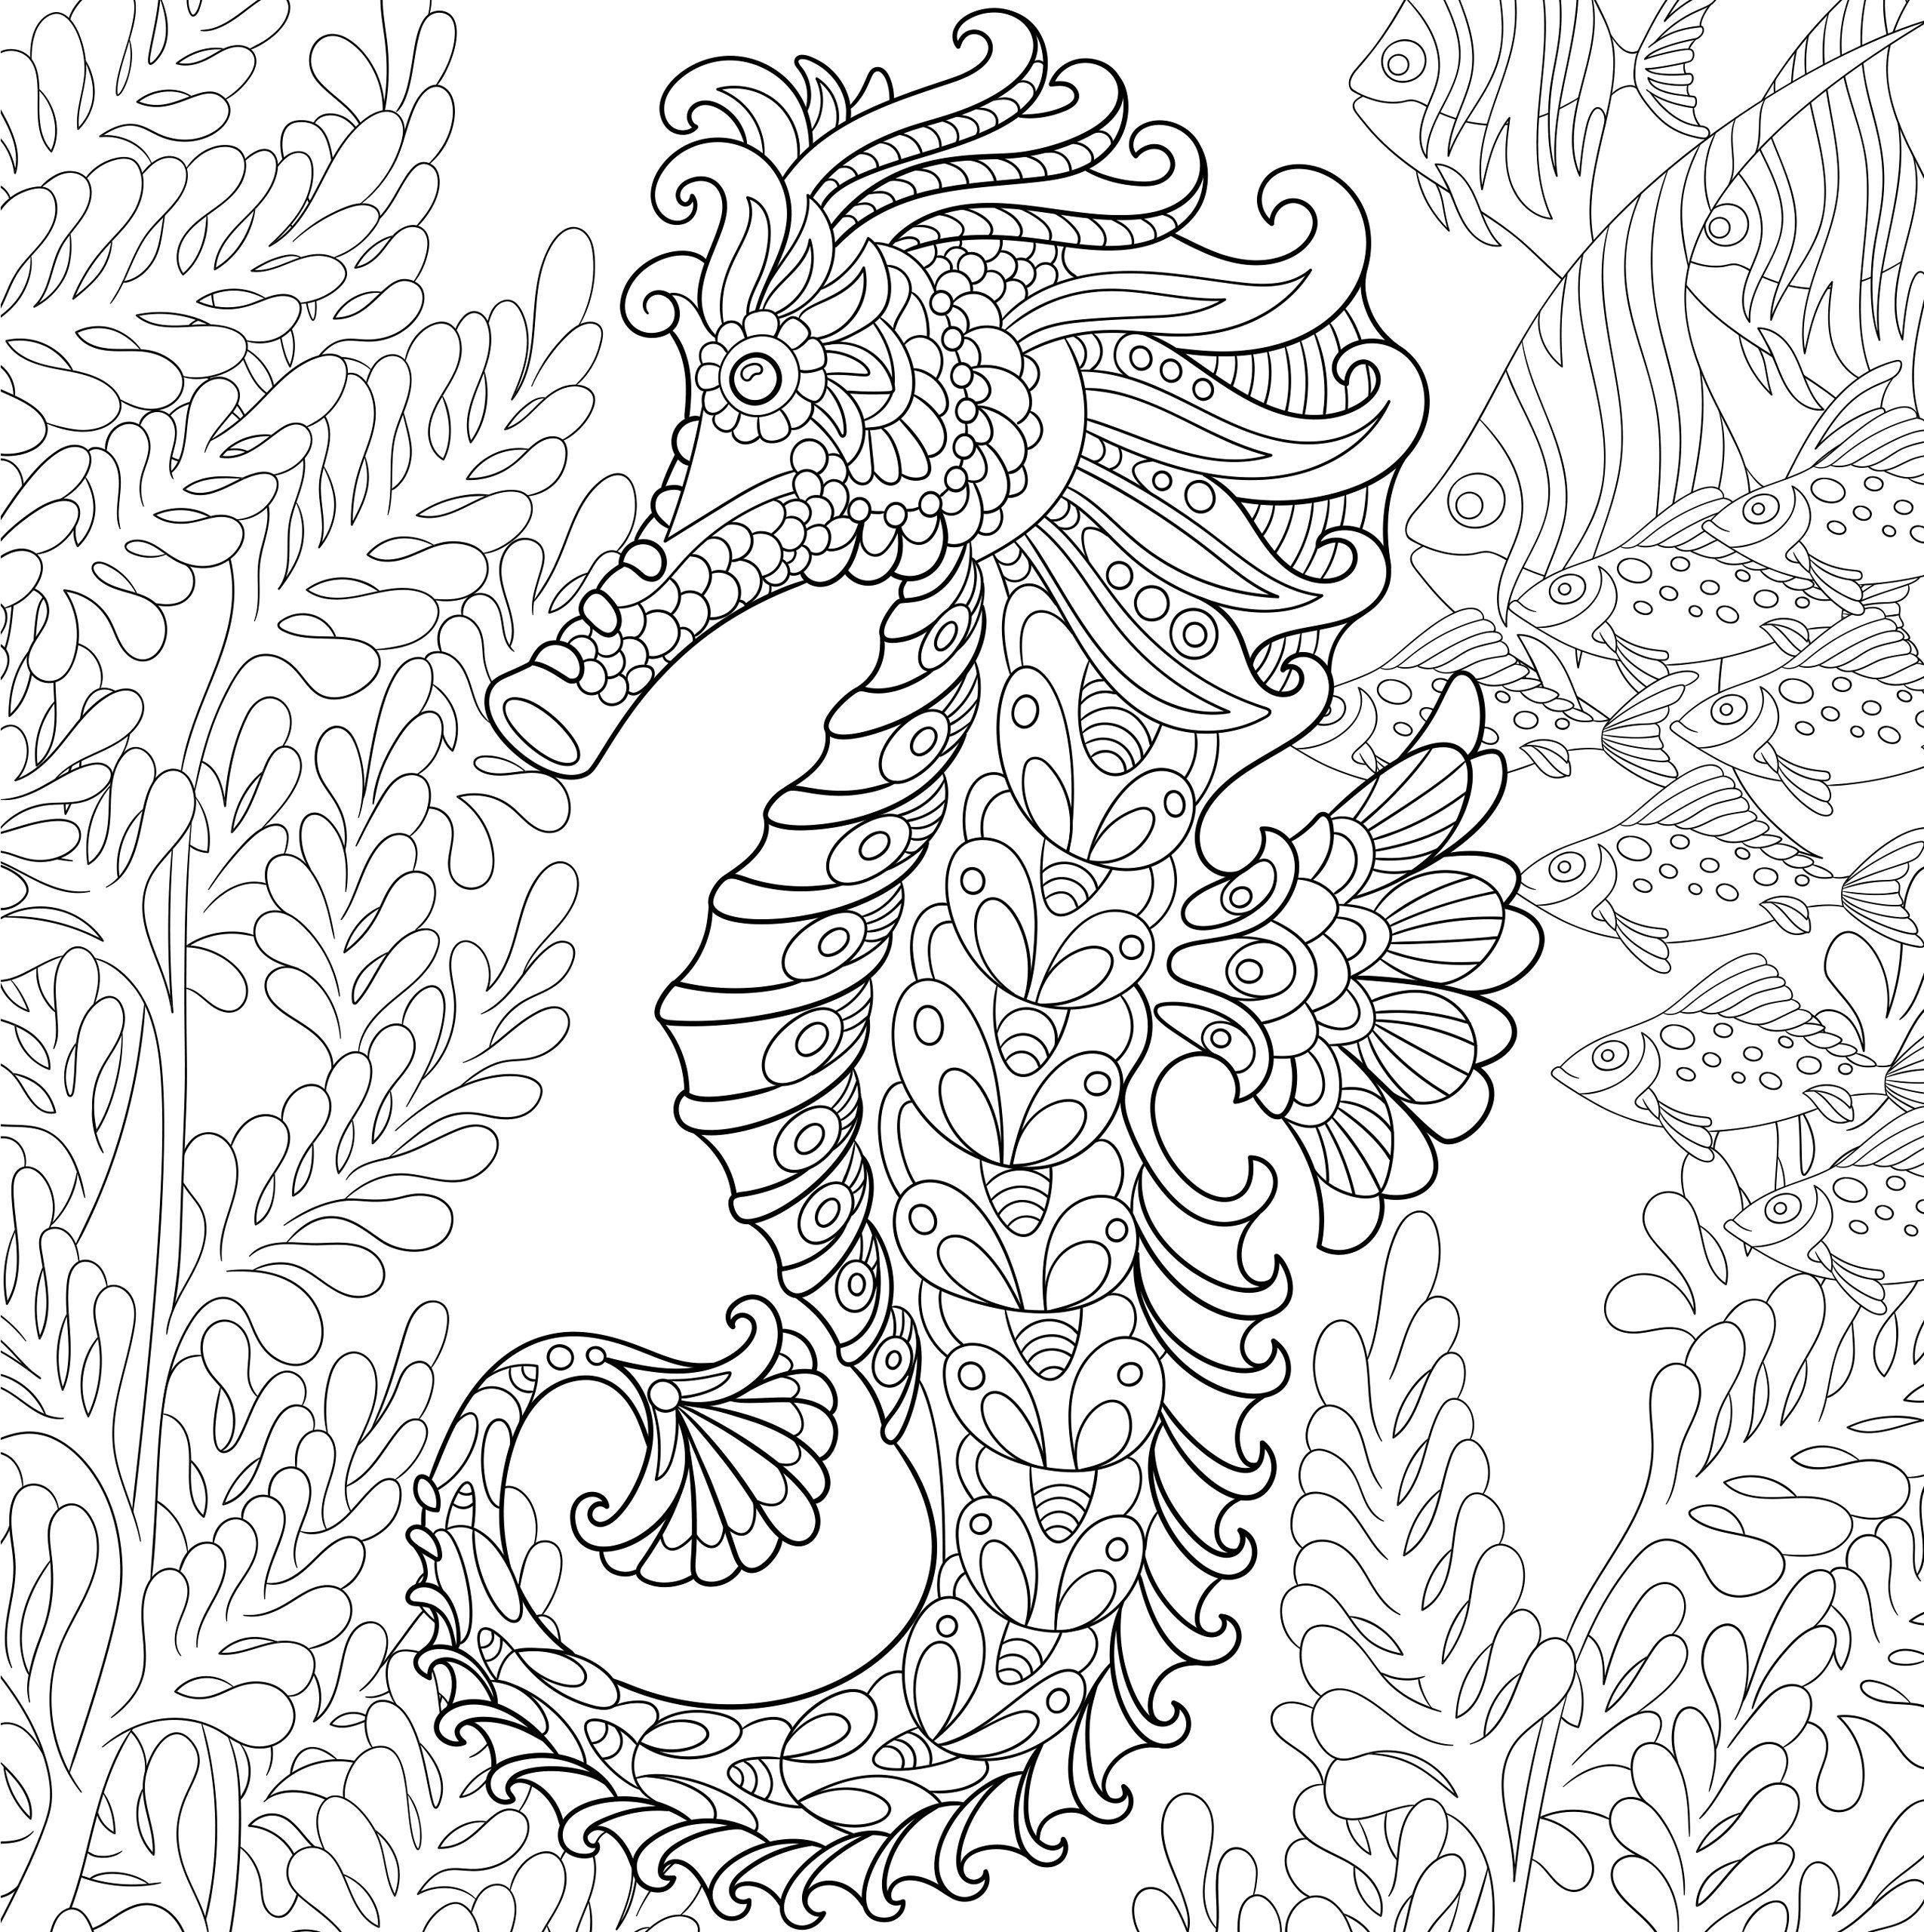 Coloring For Adults Undersea World Decorative Ornamental Picture Ausmalbilder Kostenlose Ausmalbilder Malbuch Vorlagen